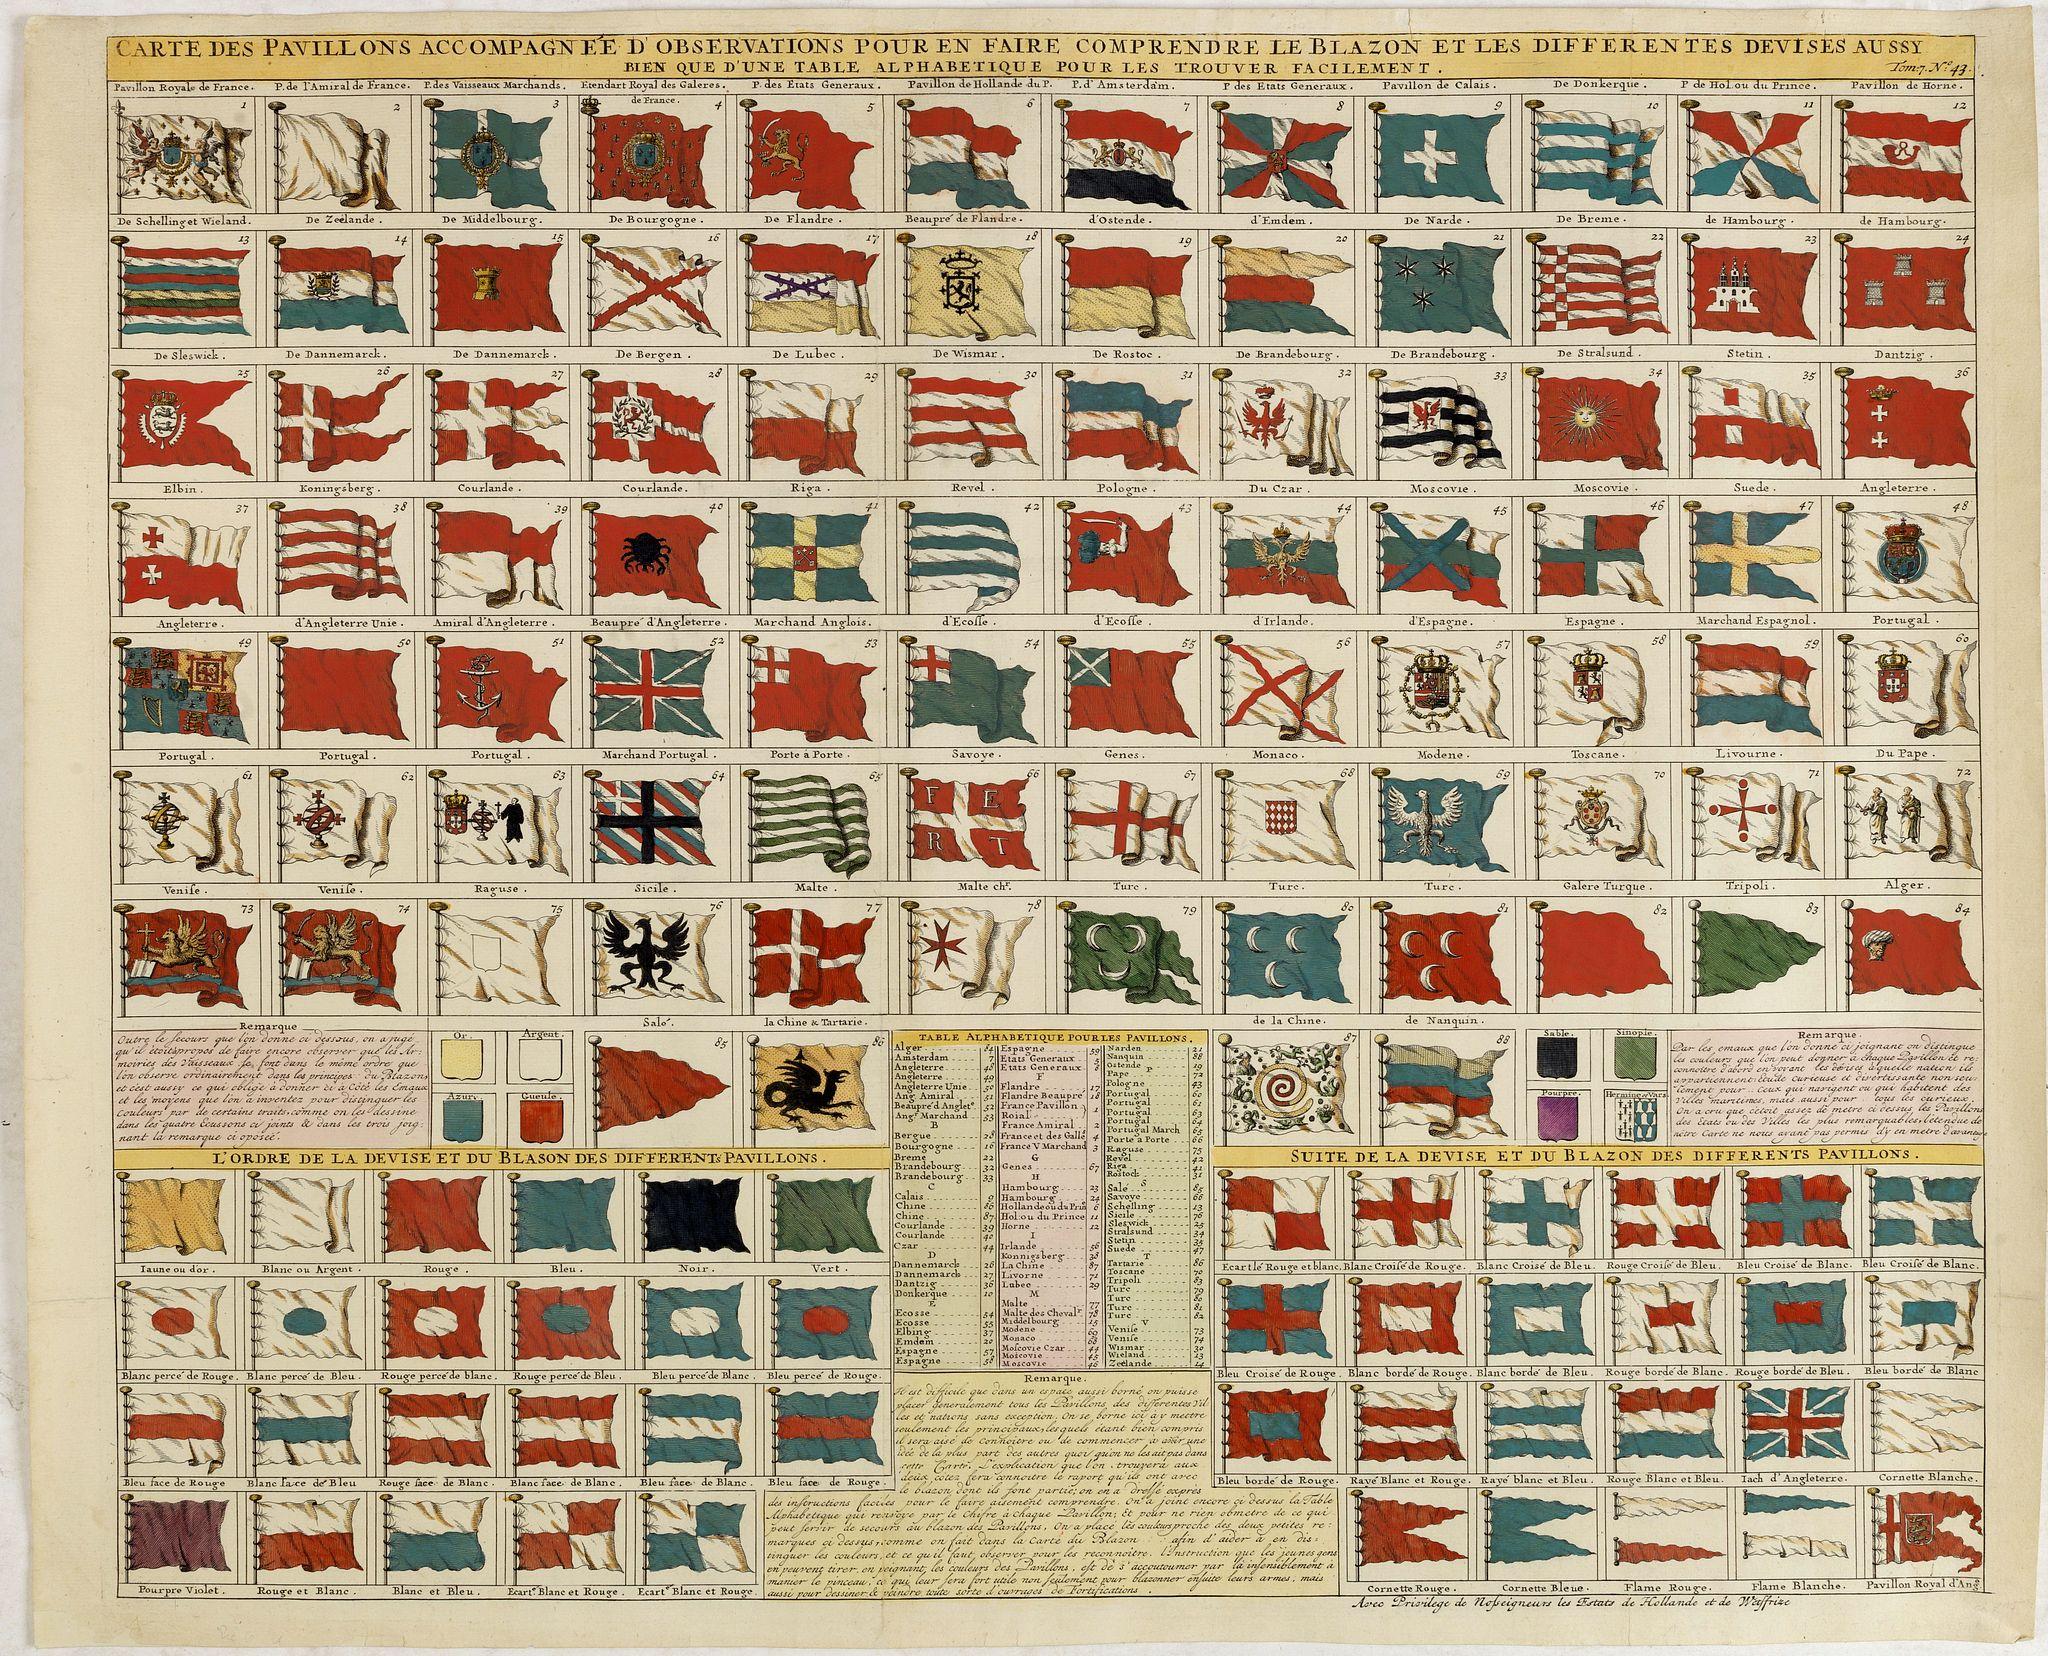 CHATELAIN, H. -  Carte des pavillons accompagnée d'observations pour en faire comprendre le blazon et les différentes devises aussy bien que d'une table alphabétique pour les trouver facilement.?